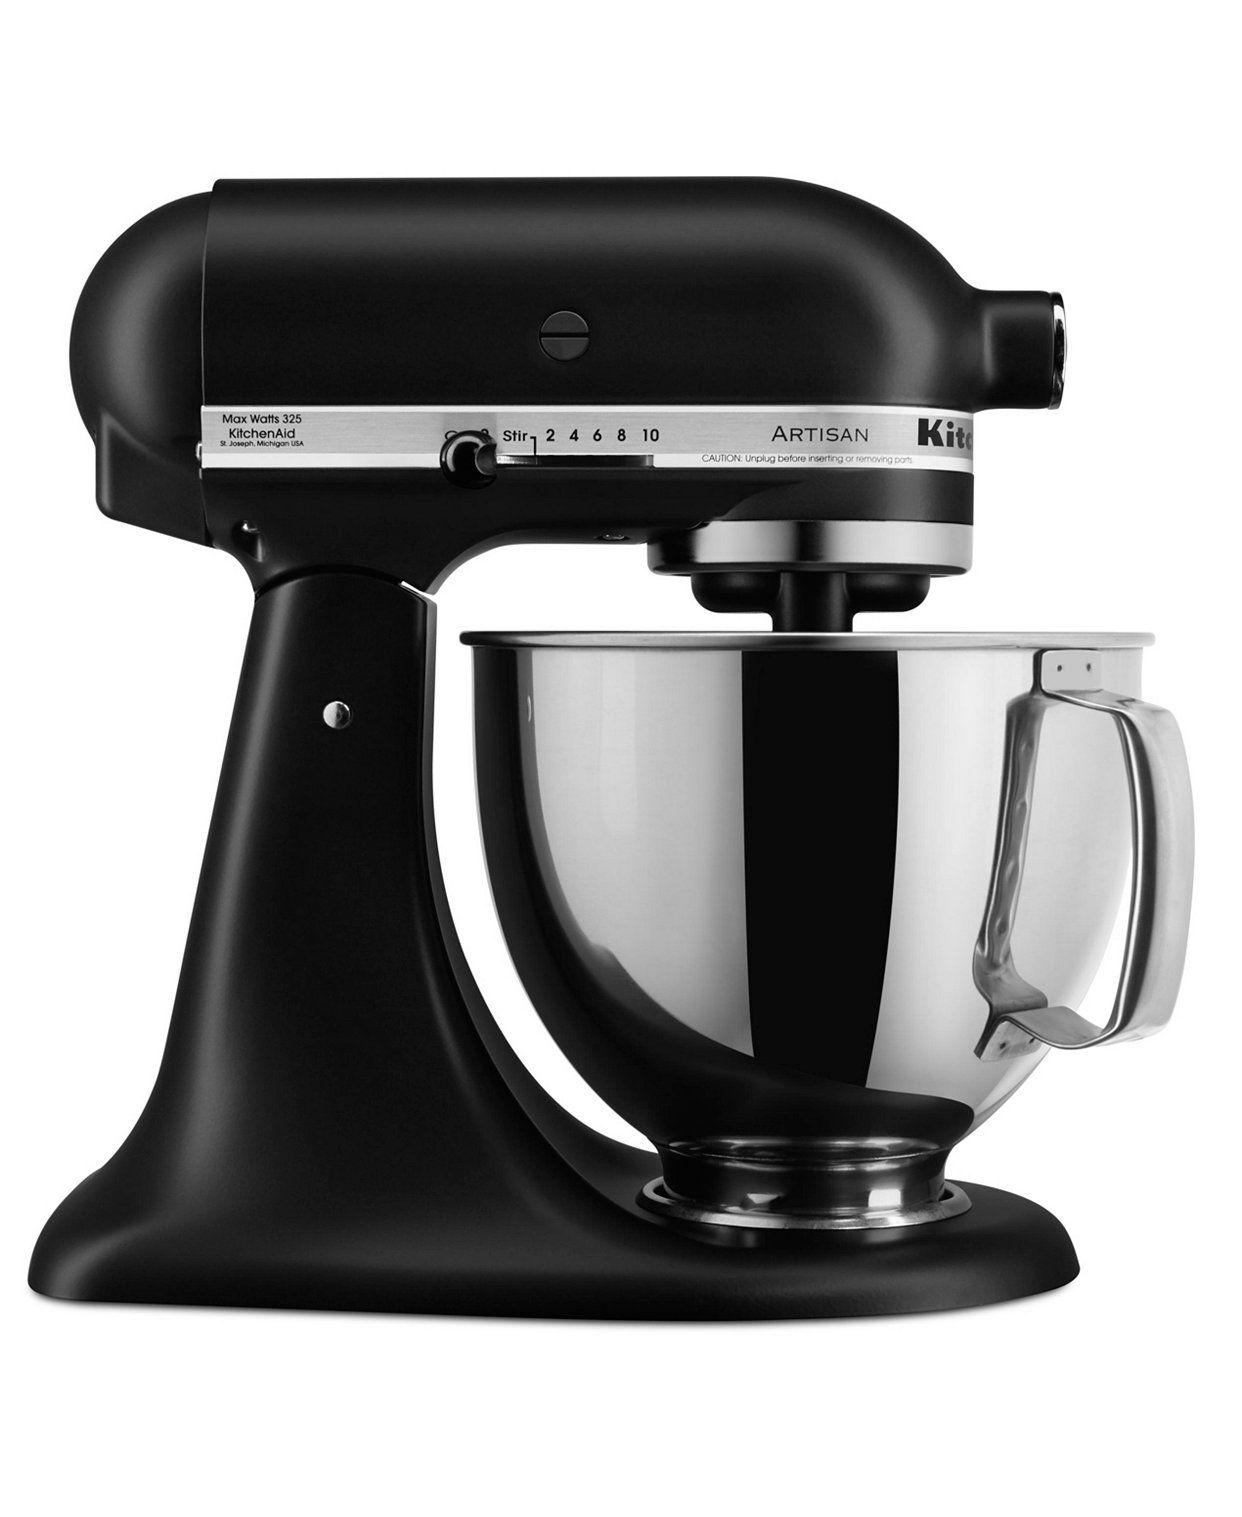 kitchenaid 3.5-qt artisan design stand mixer